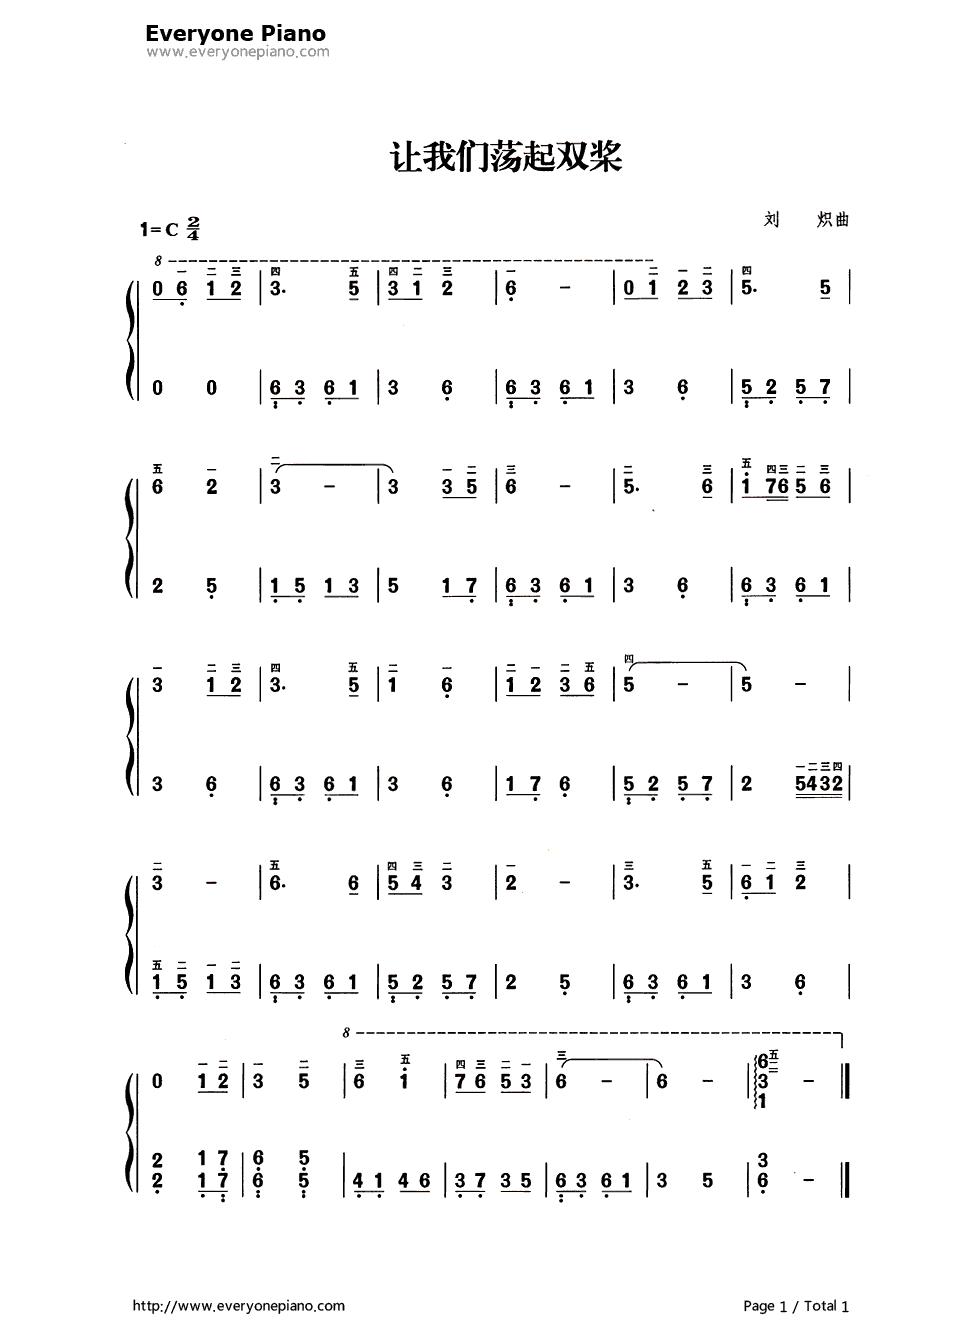 ( 共1张 ) >>>快速学钢琴,请到eop简谱跟我弹平台下载简谱跟